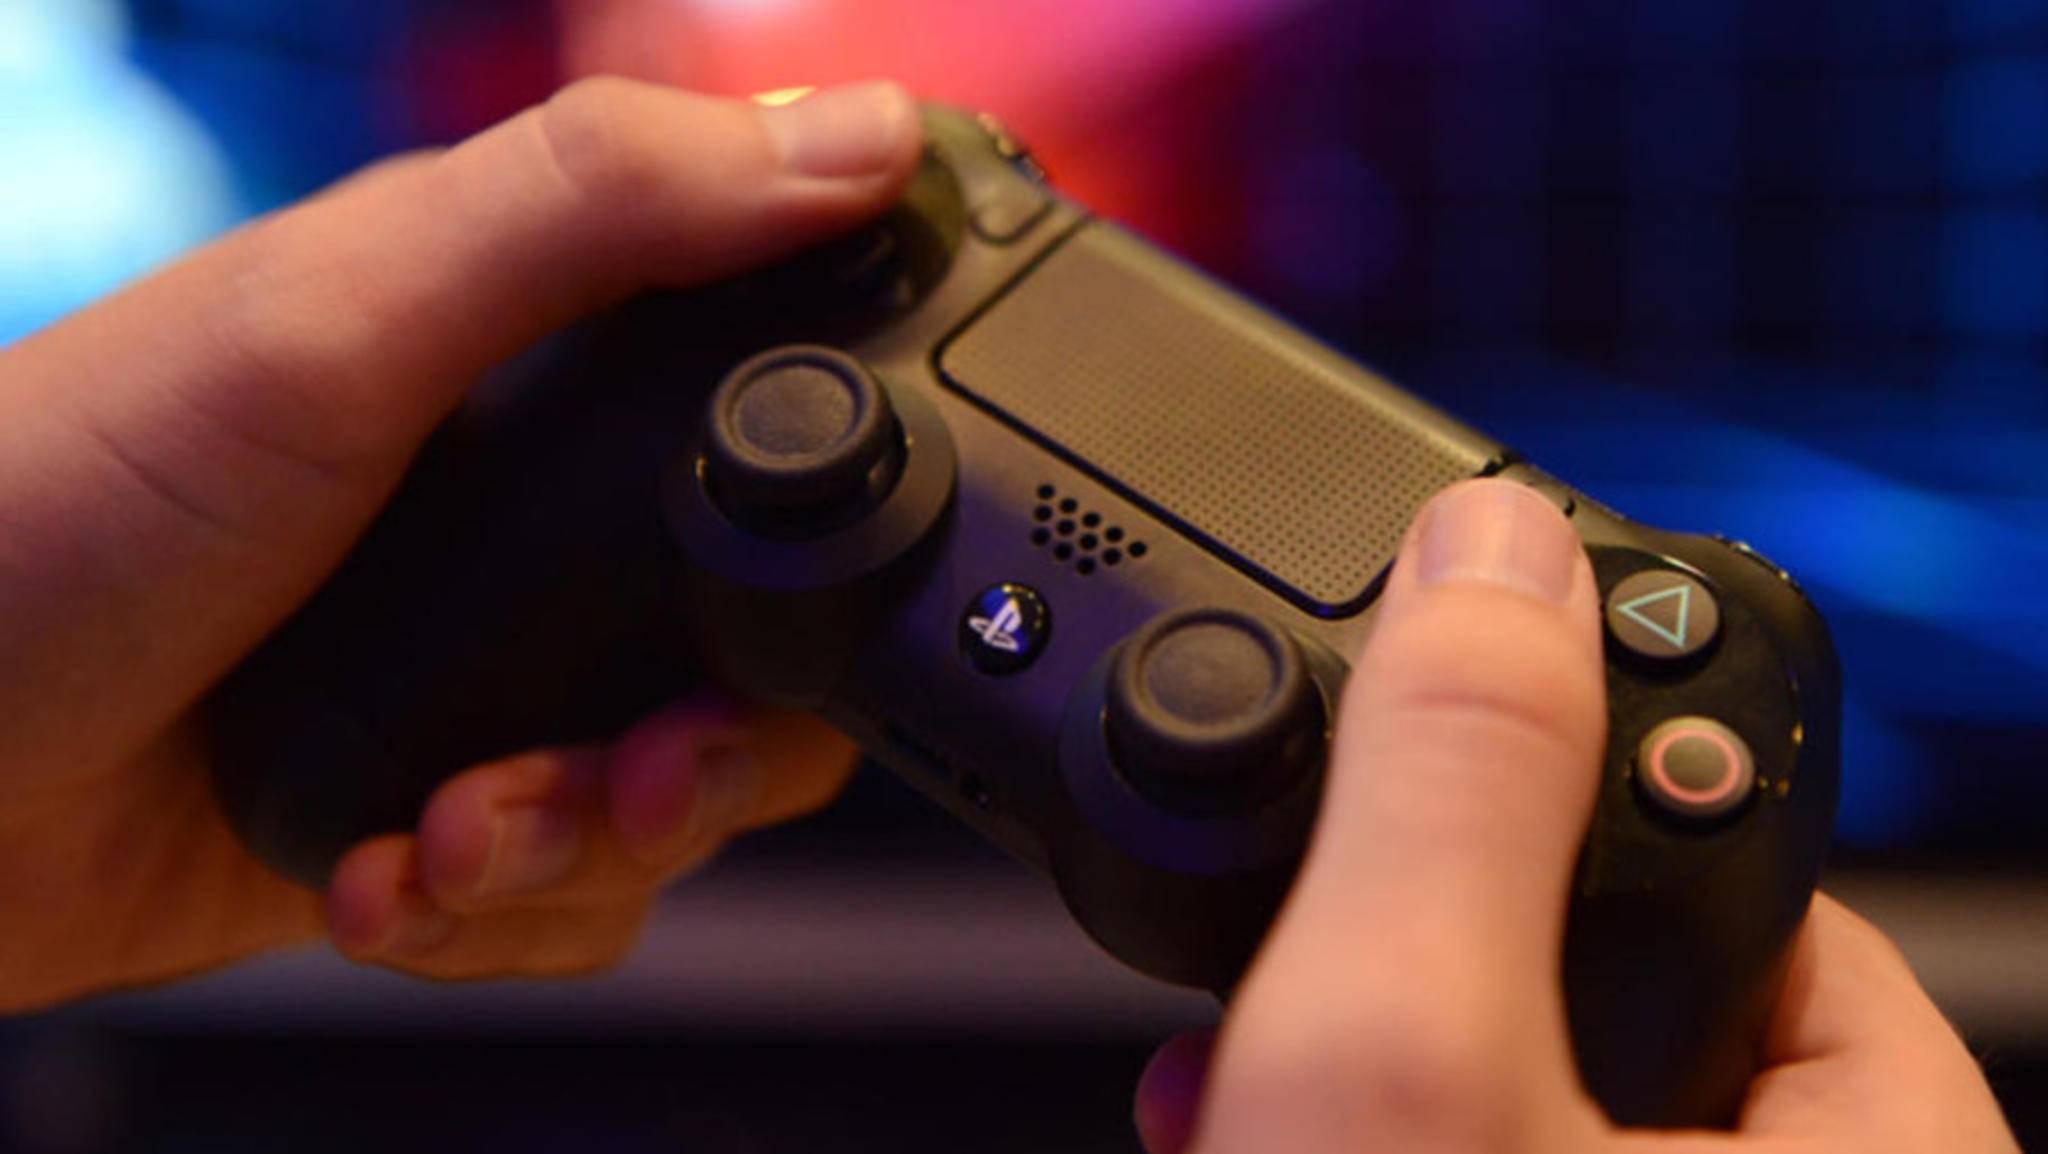 Zocken und gesehen werden – mit der Streaming-Funktion der PS4 ist das ganz einfach.